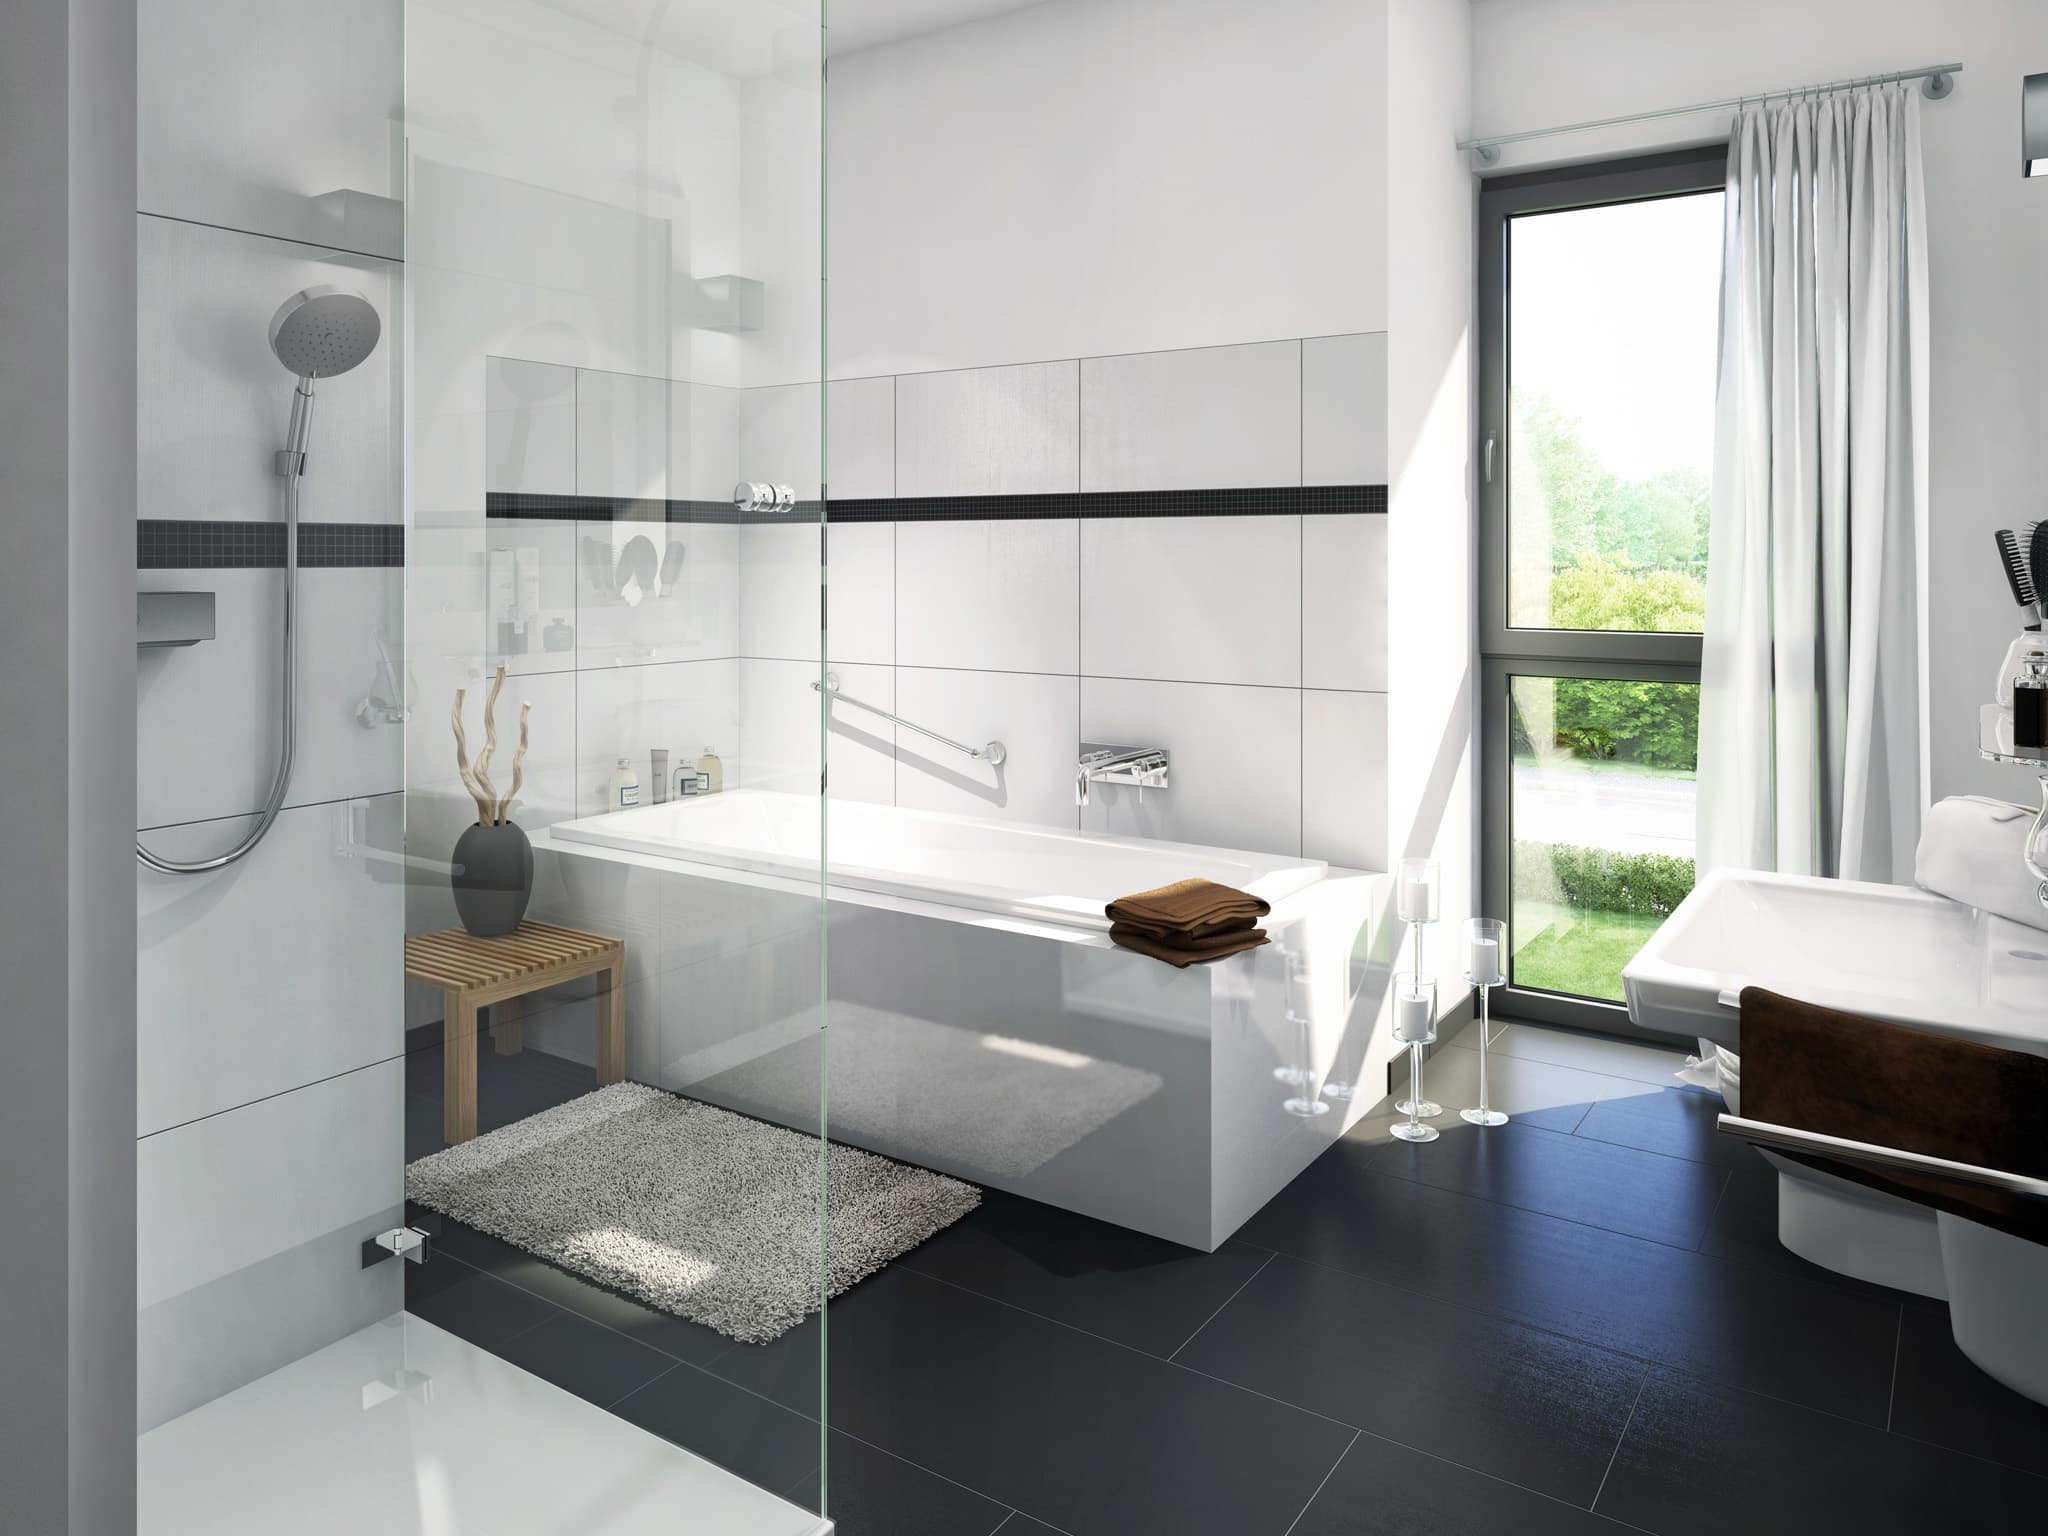 Modernes Badezimmer mit Fliesen weiss/ schwarz - Ideen Inneneinrichtung Einfamilienhaus EVOLUTION 122 V11 von Bien Zenker - HausbauDirekt.de